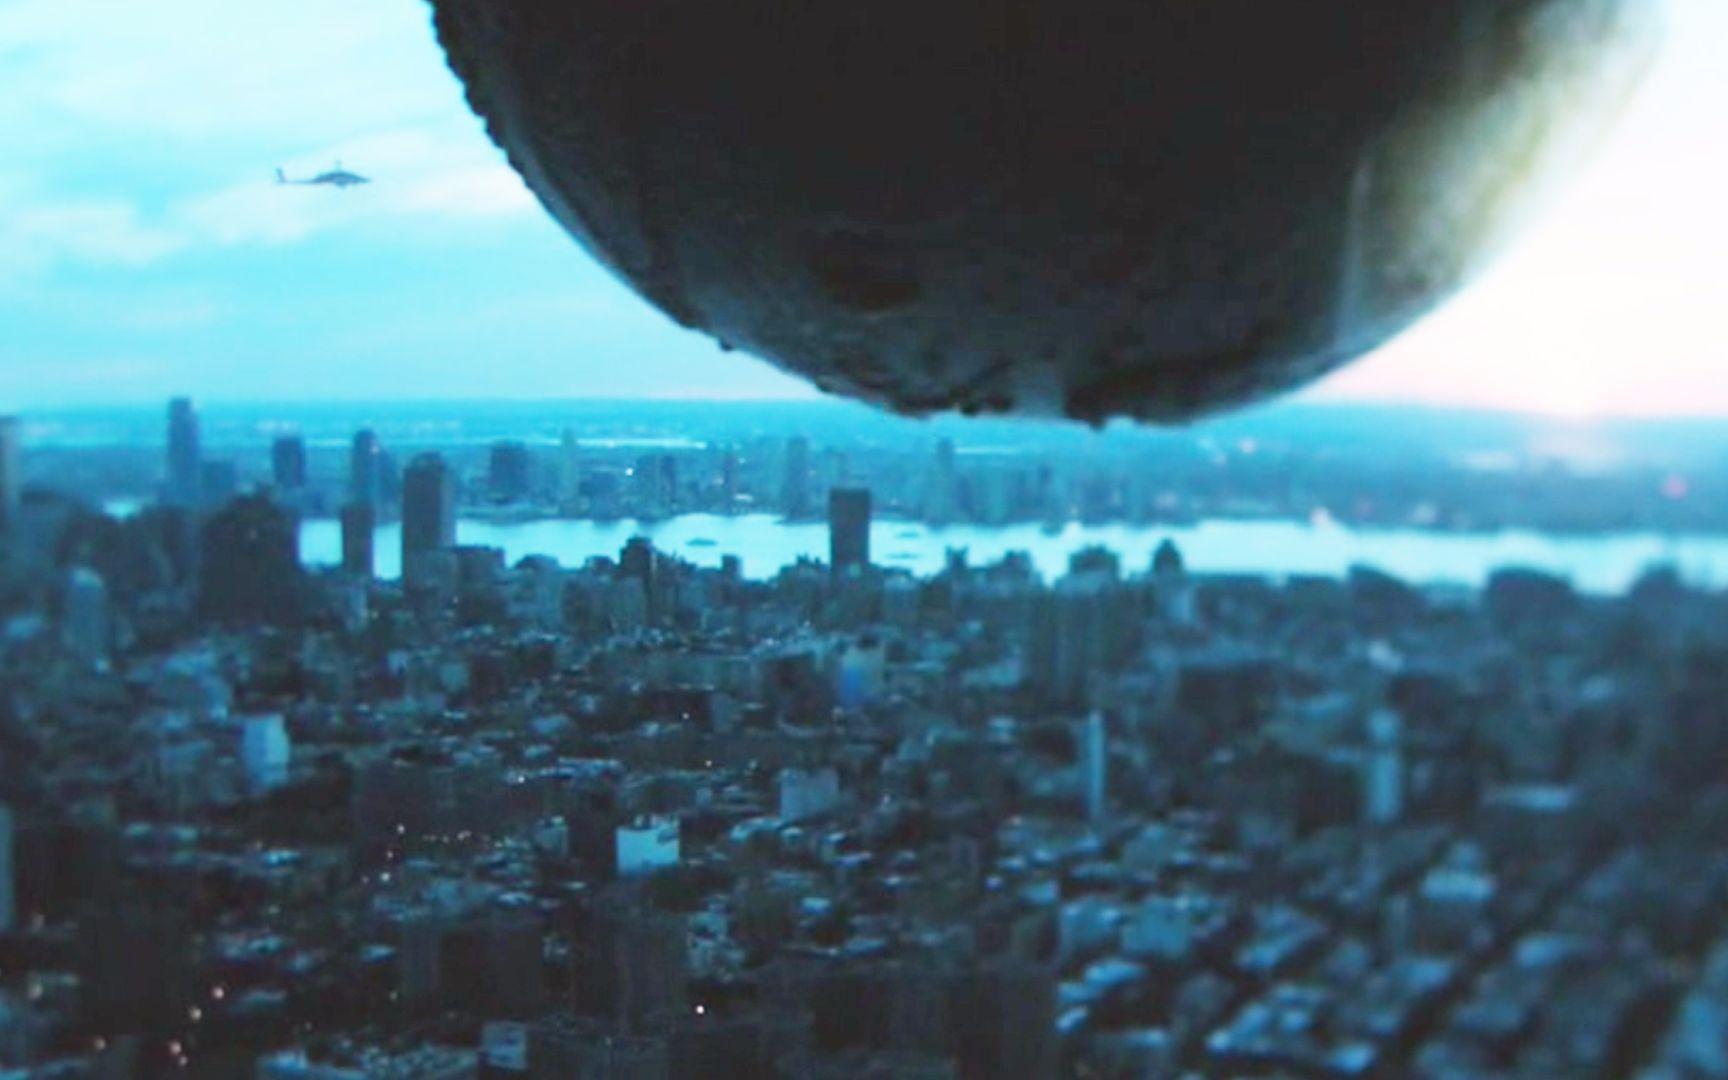 最新电影地球引力_5分钟看完电影《穿越》,太空惊现虫洞,外星人发来神秘信息 ...